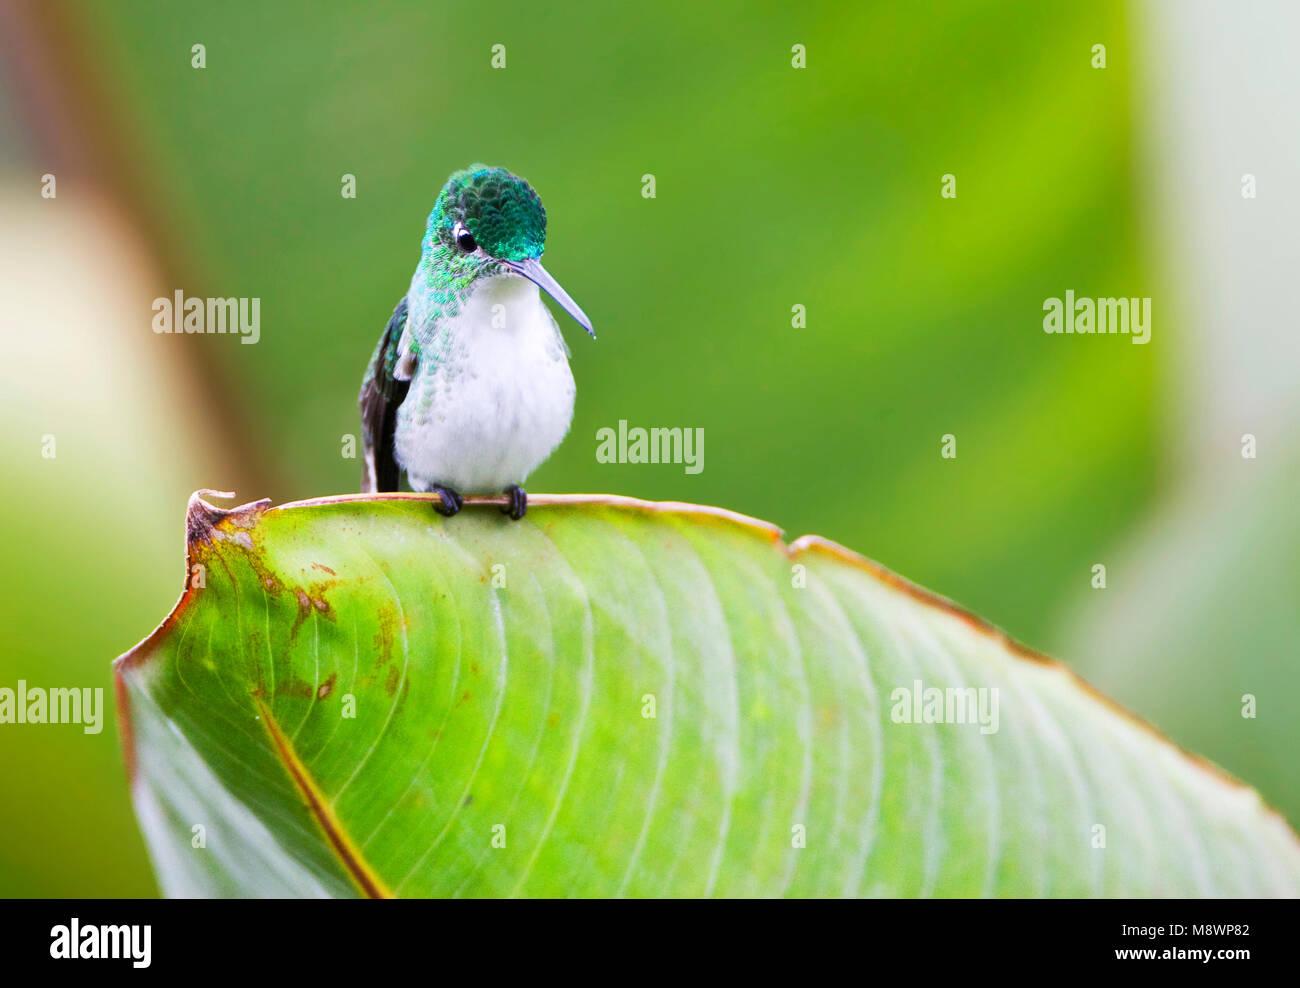 Andesamazilia zittend op Groot blad, Anden Smaragd an großen Blattes gehockt Stockbild